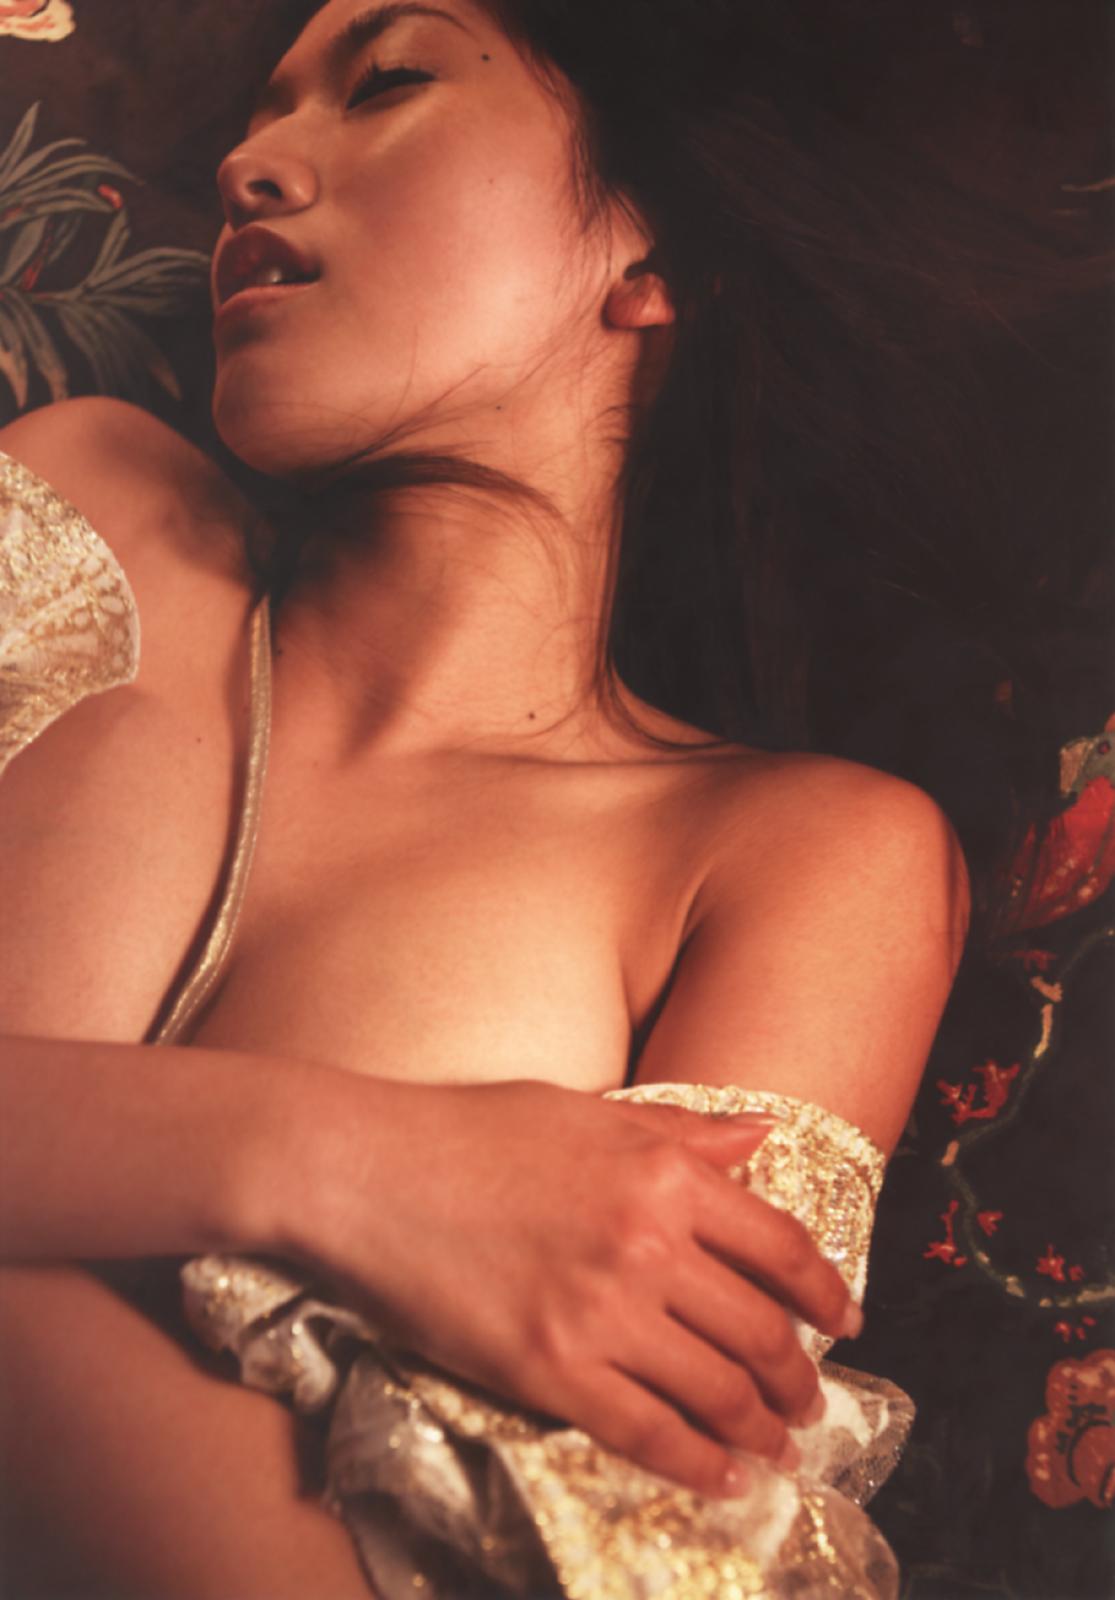 image http://scanlover.com/assets/images/6980-nSczDVgCeg0weT9X.jpeg